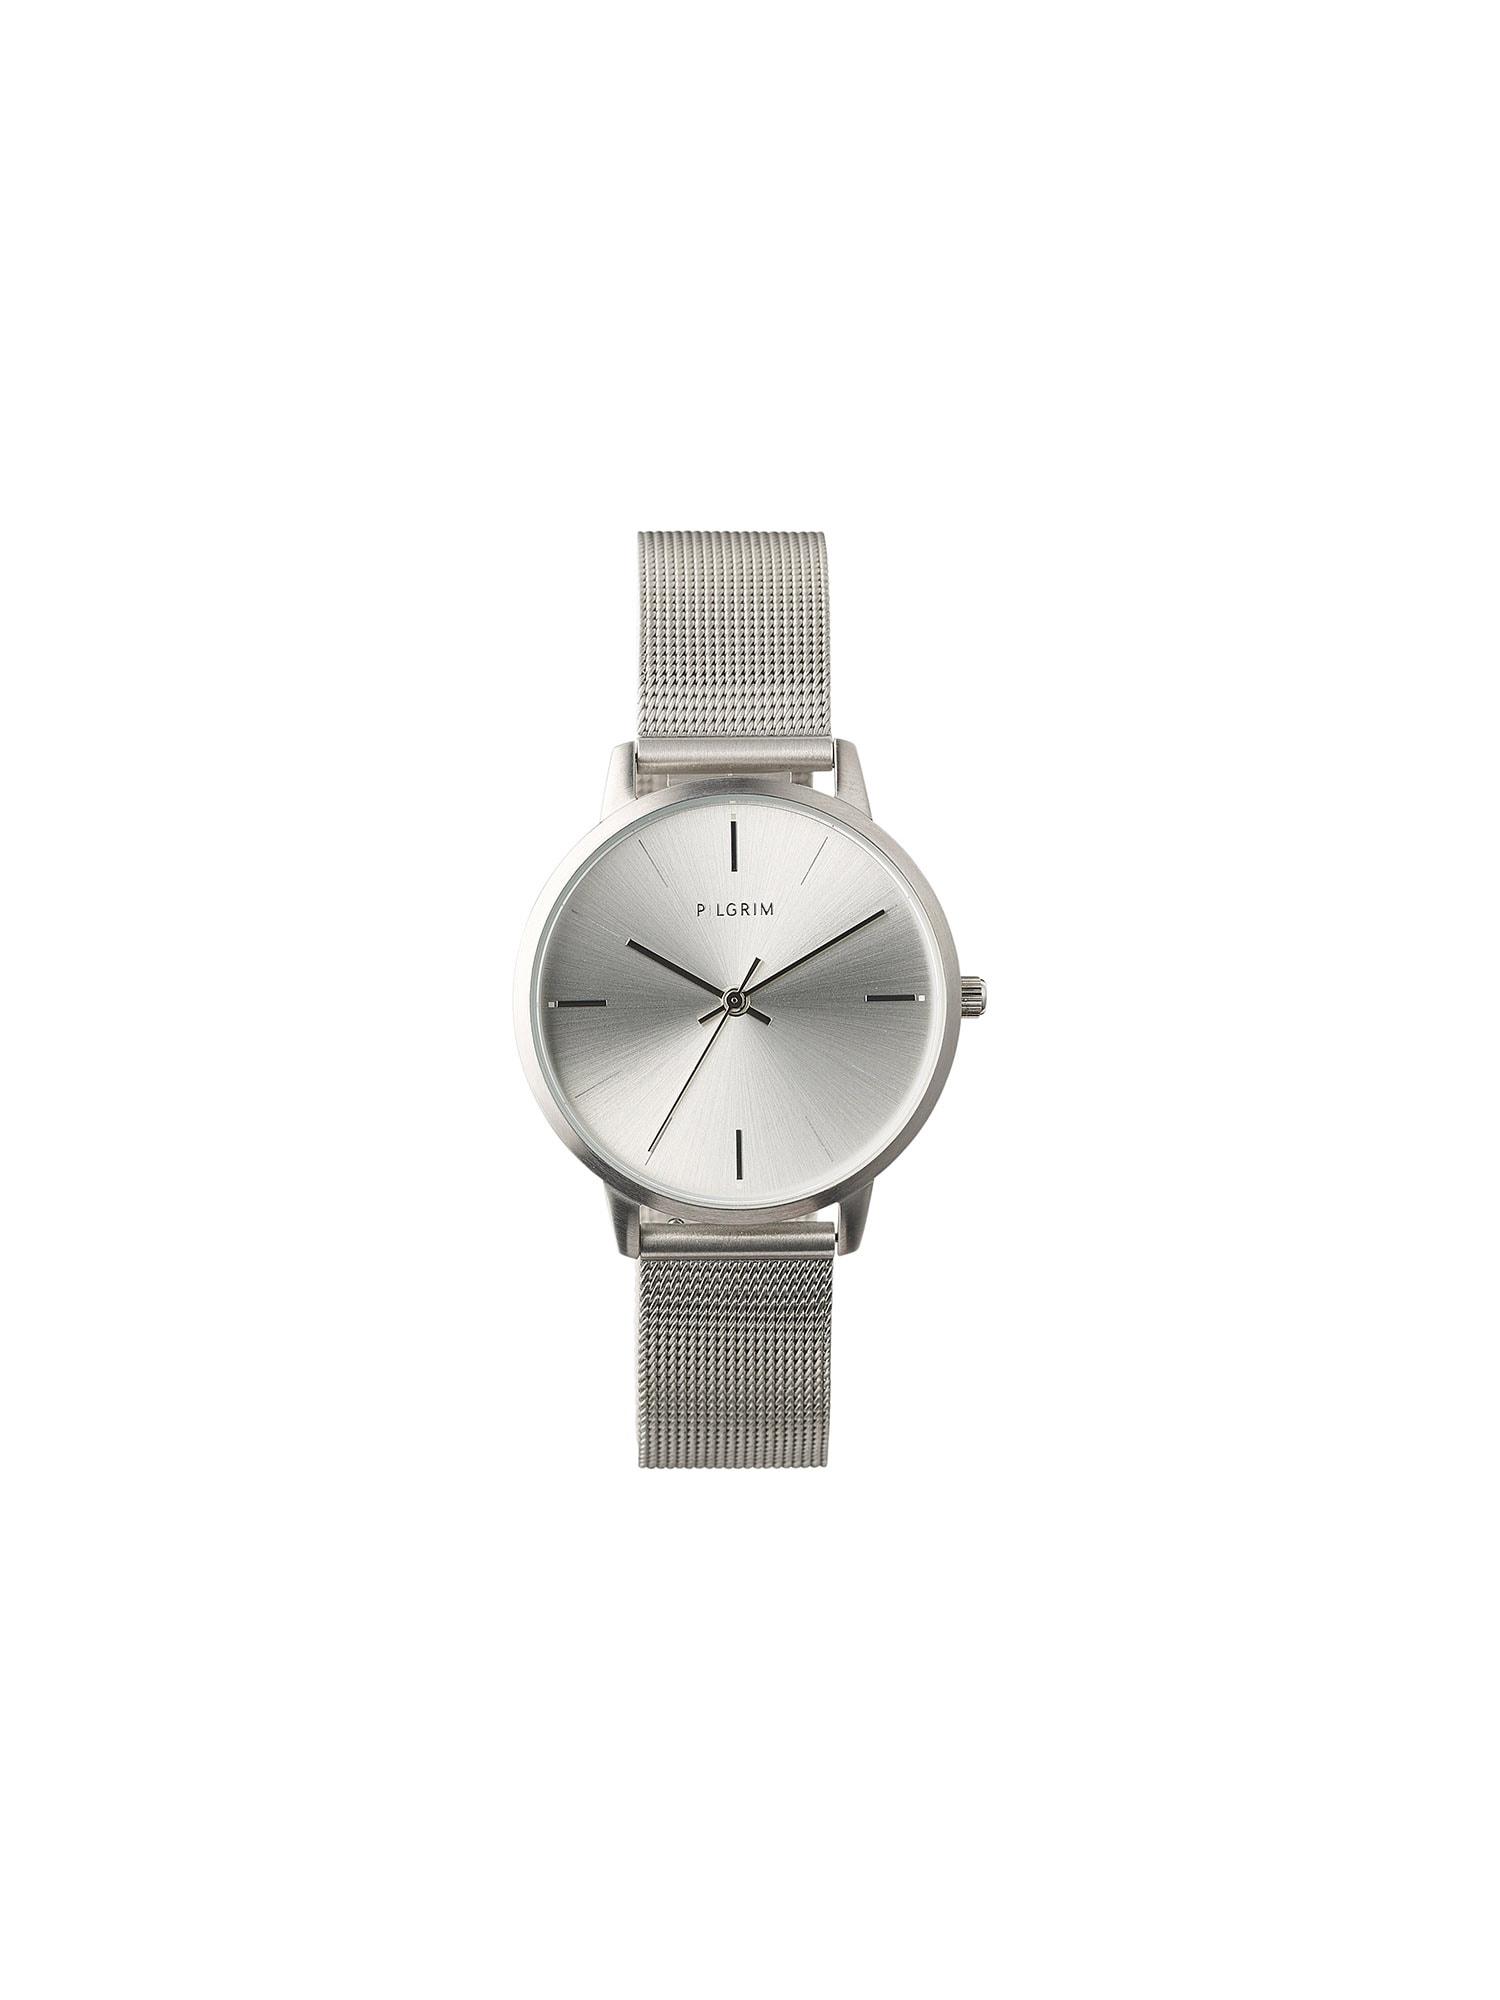 Pilgrim Analoginis (įprasto dizaino) laikrodis sidabrinė